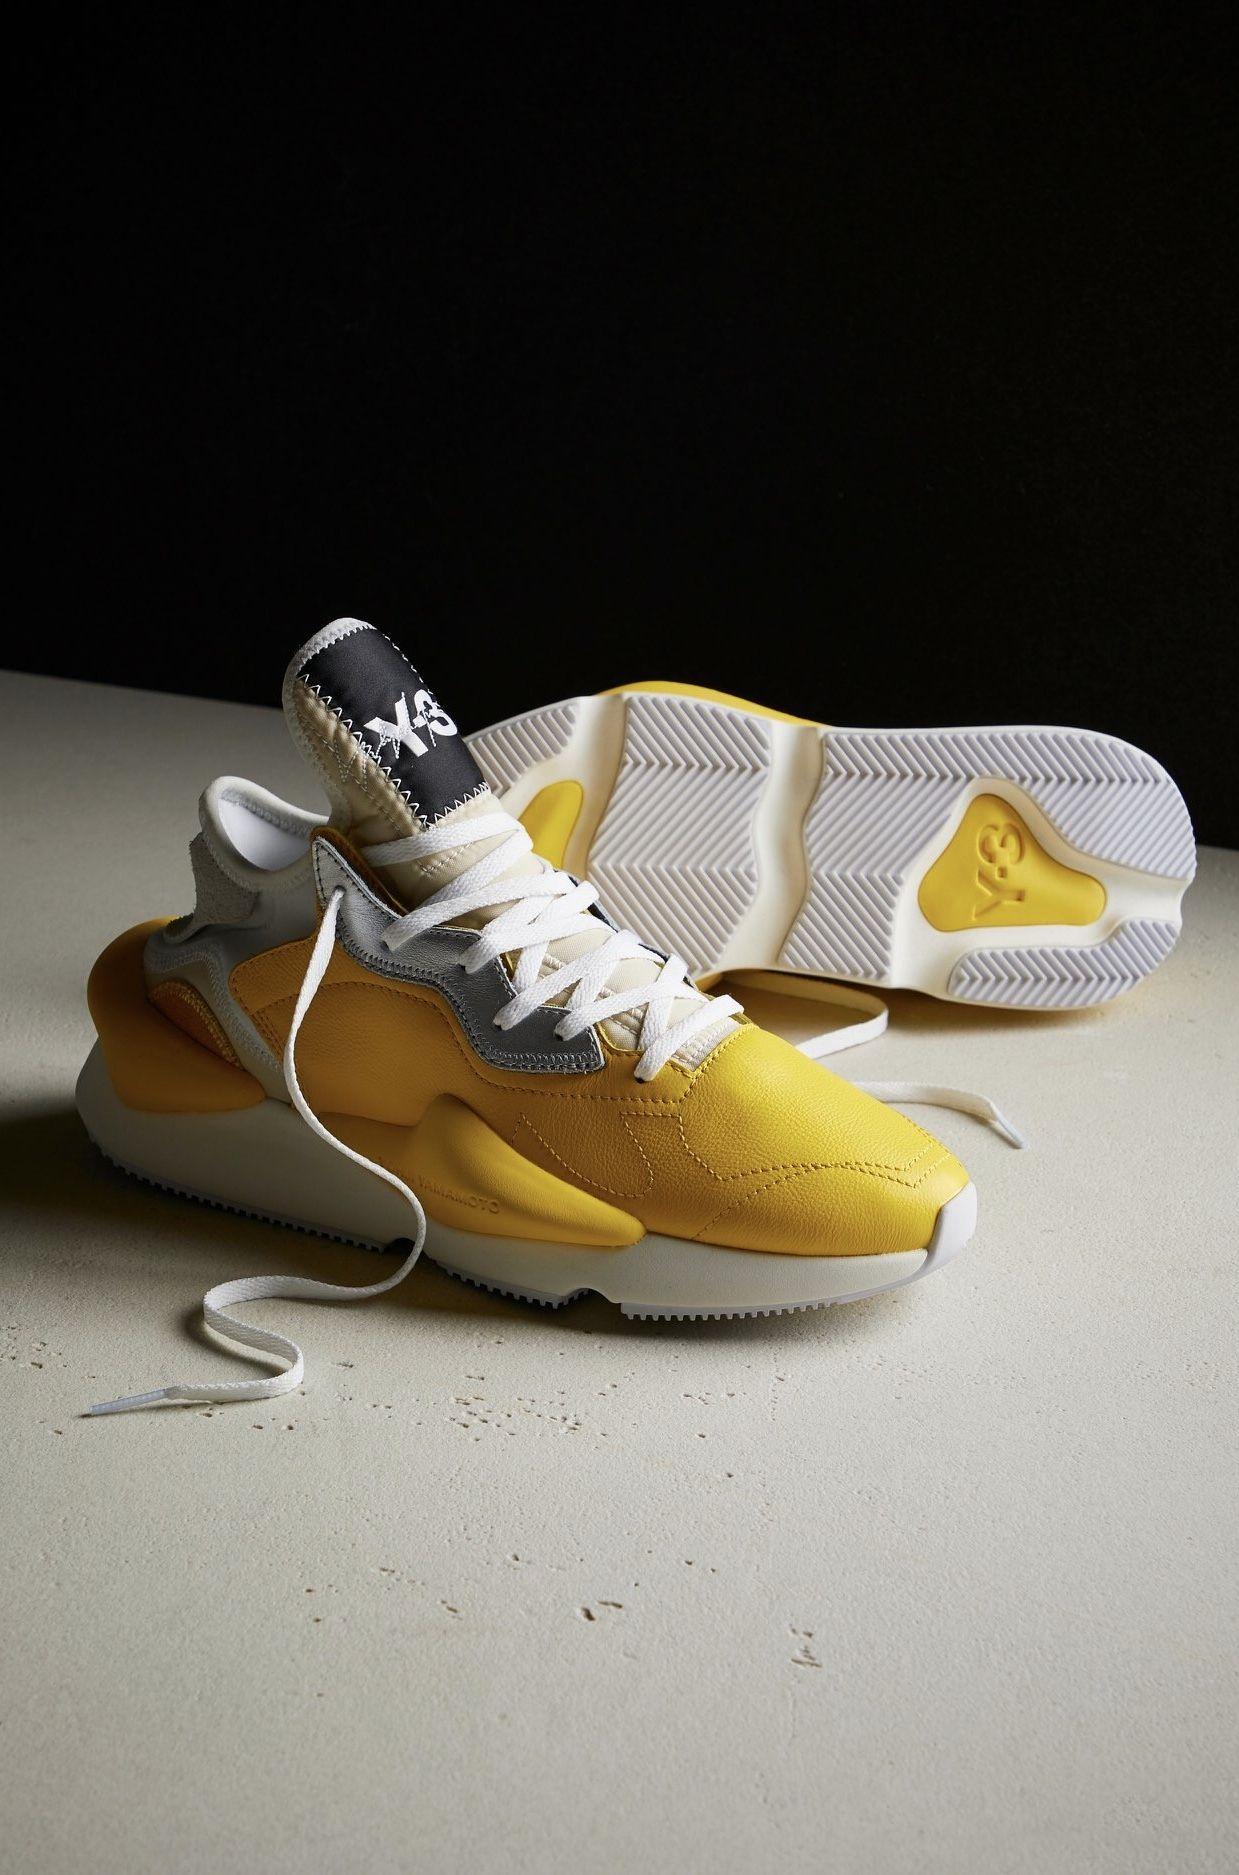 066fc3ddce44c adidas Y-3 Kaiwa Minimalistyczna Szafa, Minimalistyczna Moda, Buty Adidas, Adidas  Originals